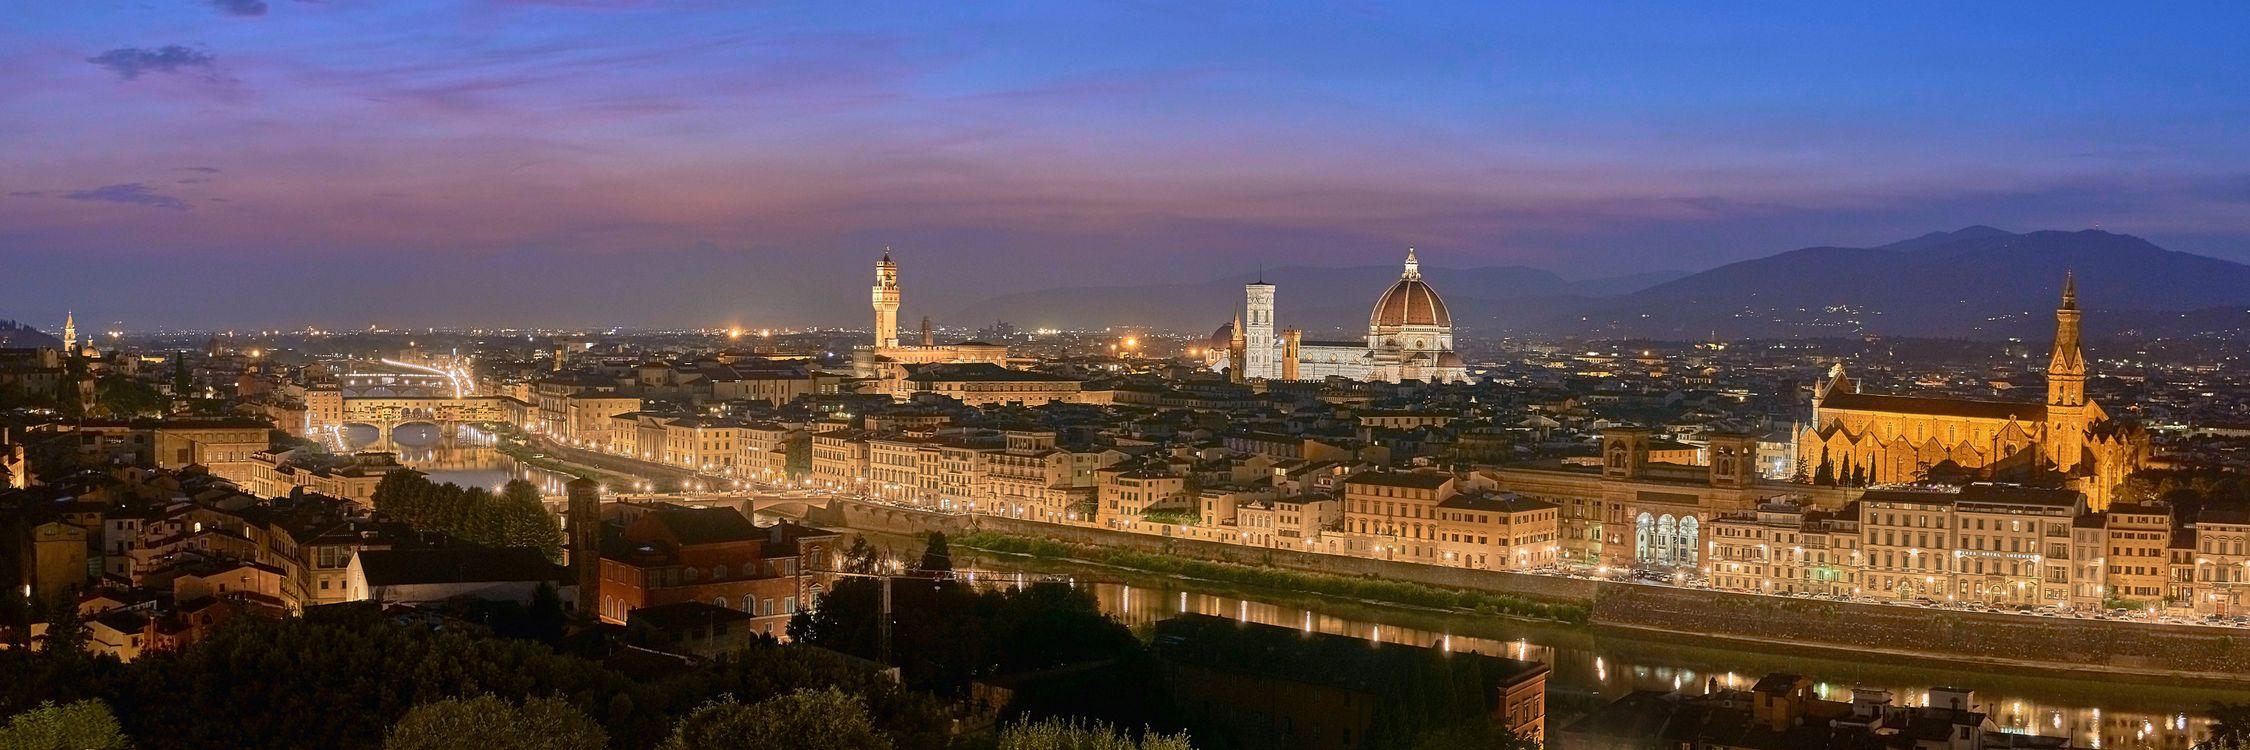 Фото бесплатно Италия, Флоренция, ночной город - на рабочий стол